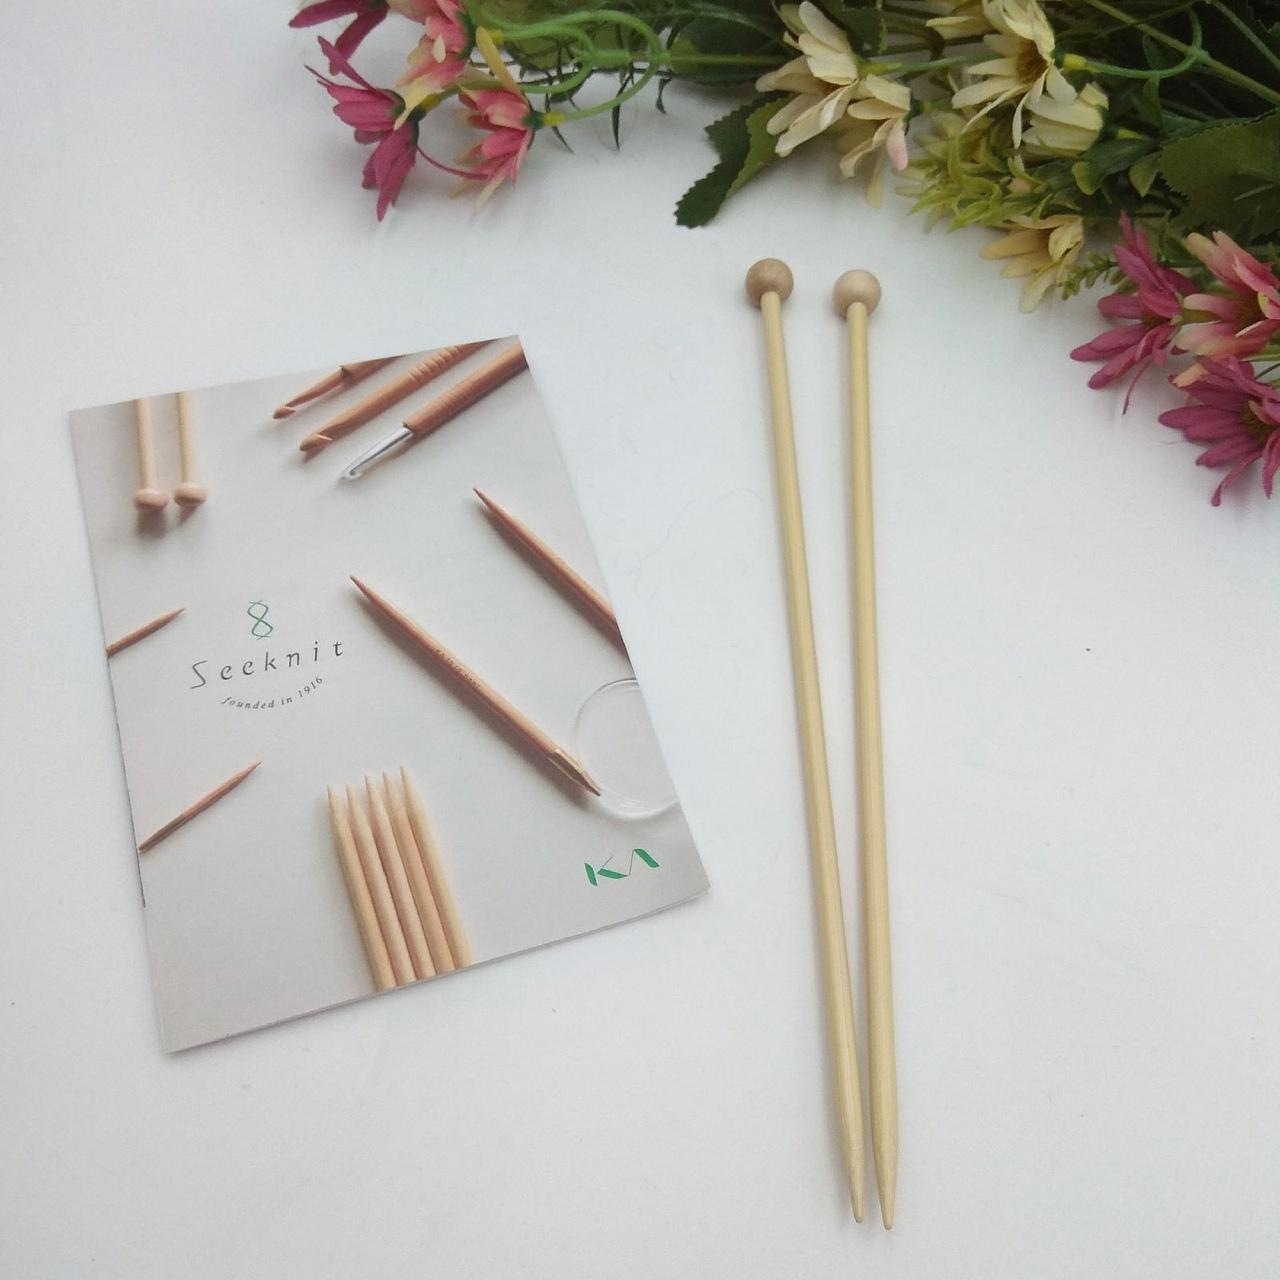 Прямые бамбуковые спицы Seeknit 23см